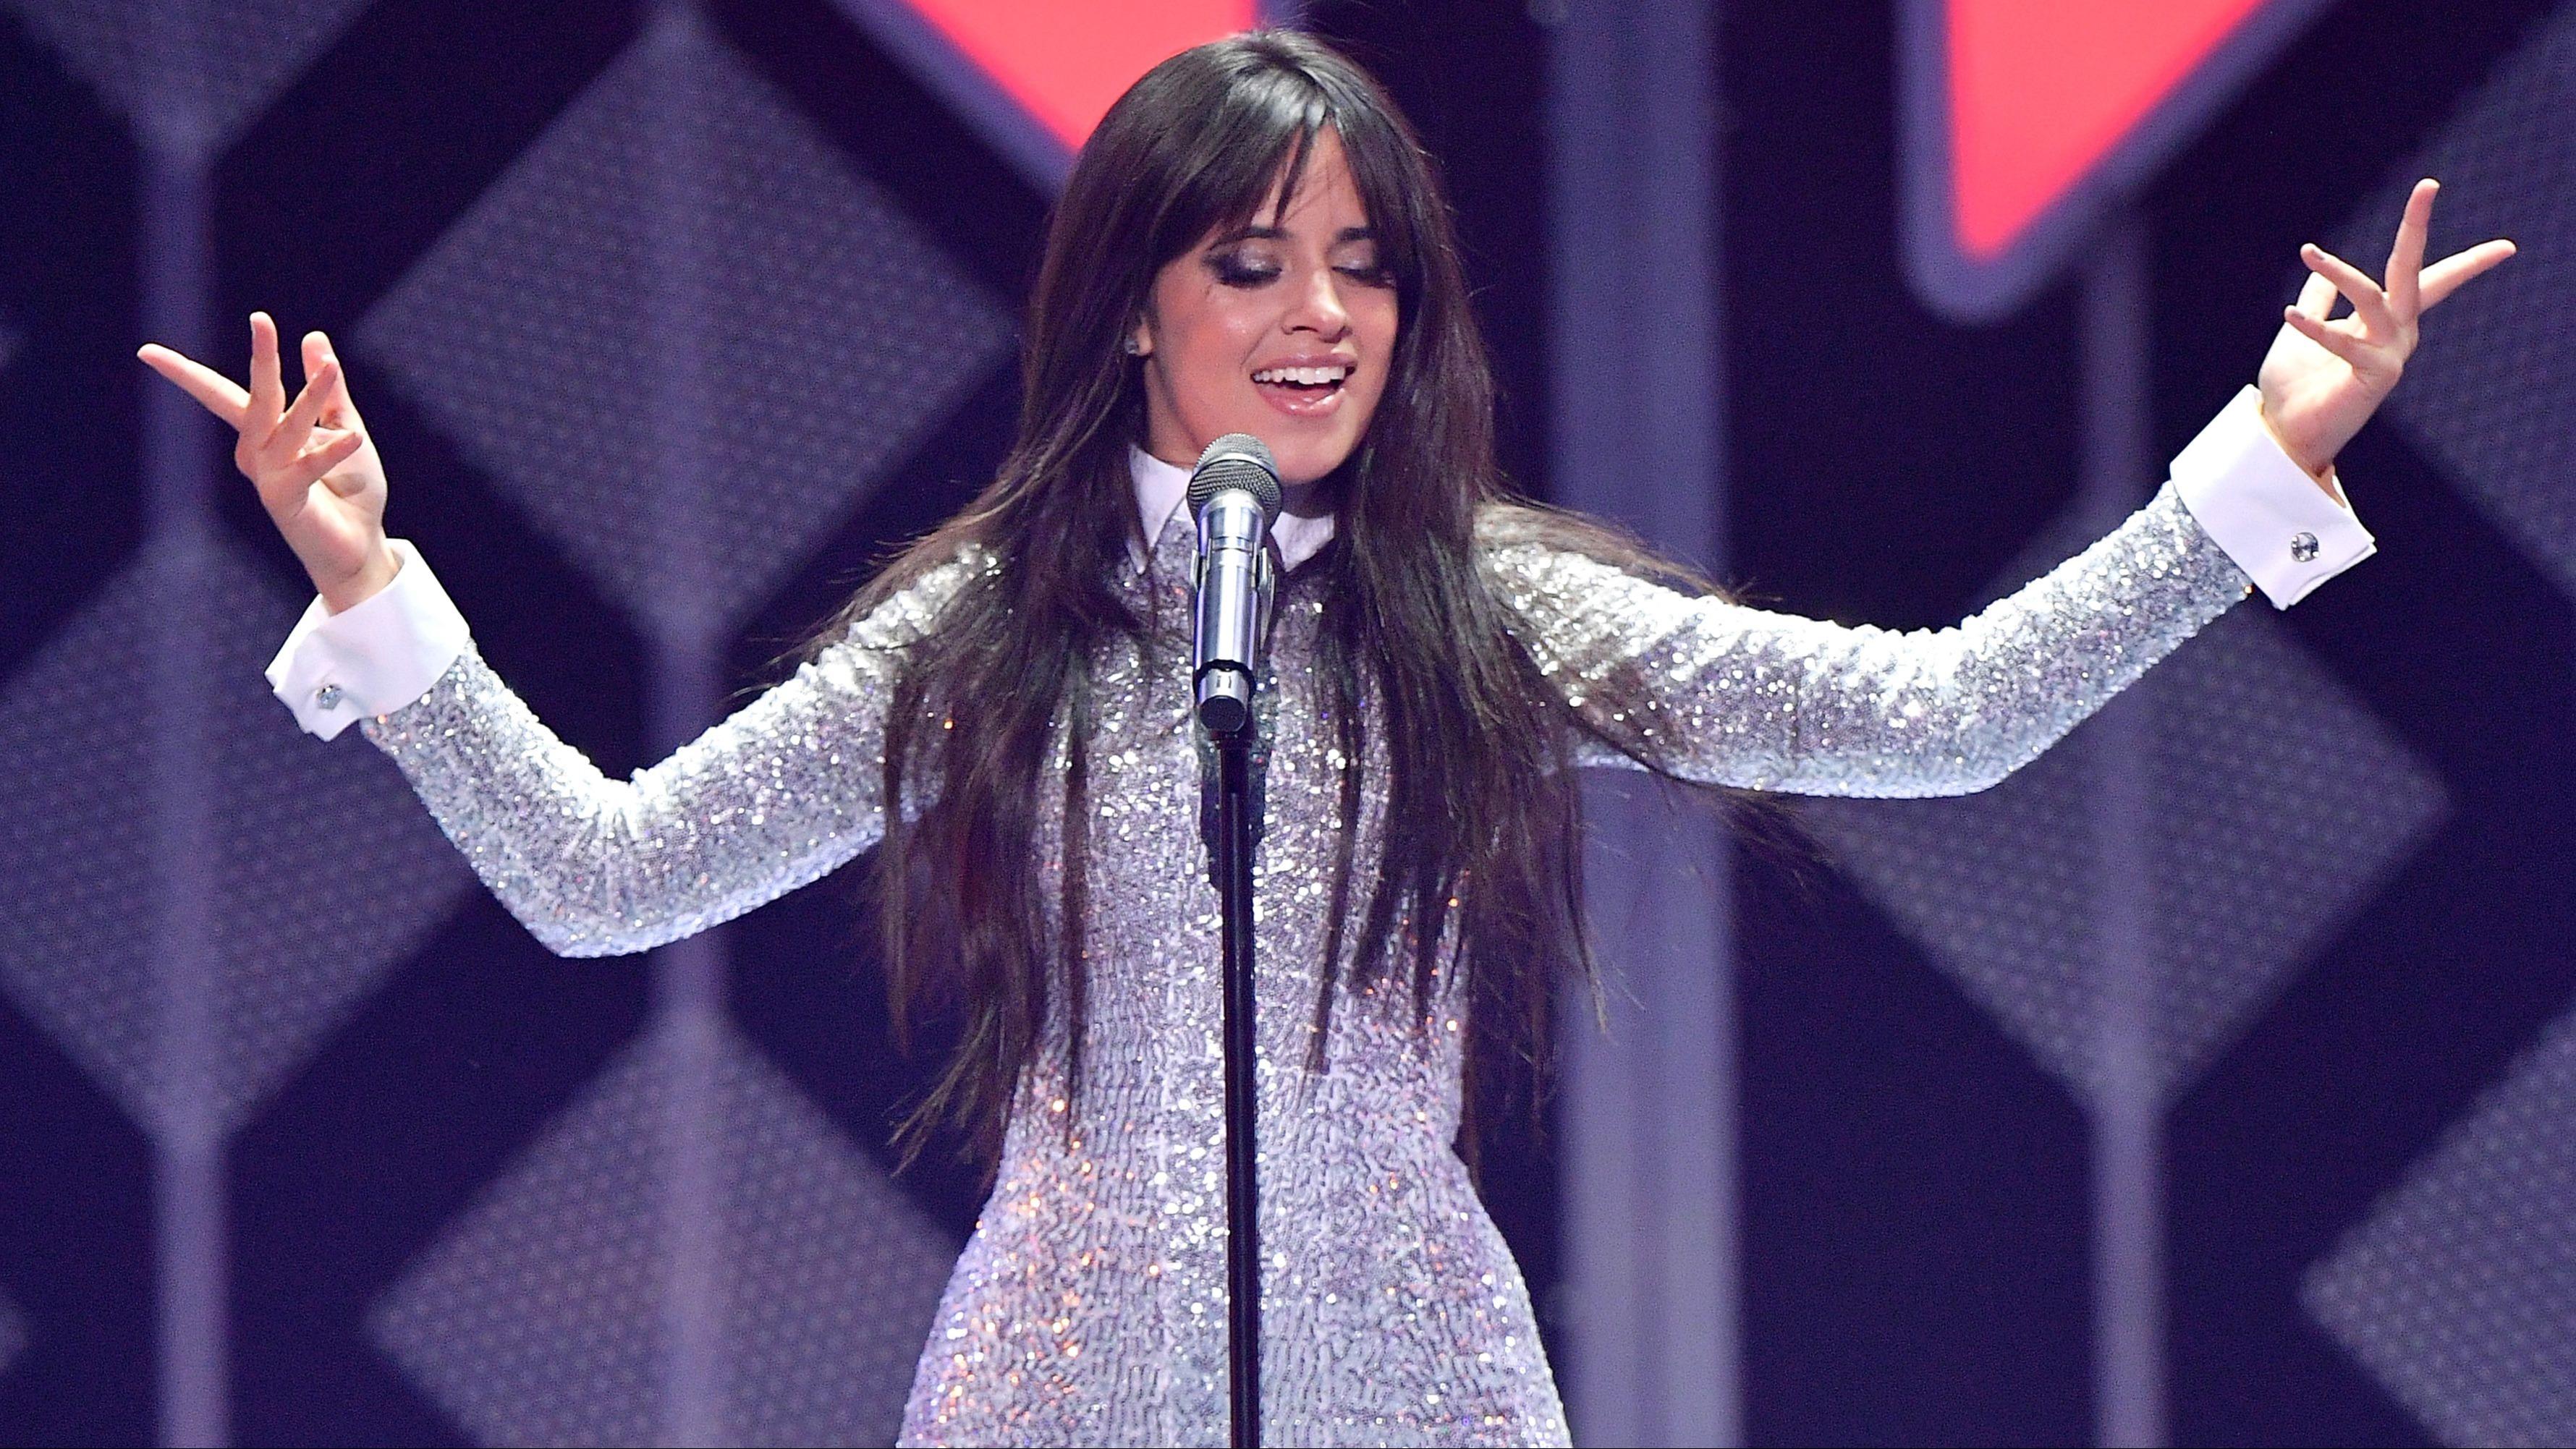 Camila zilver